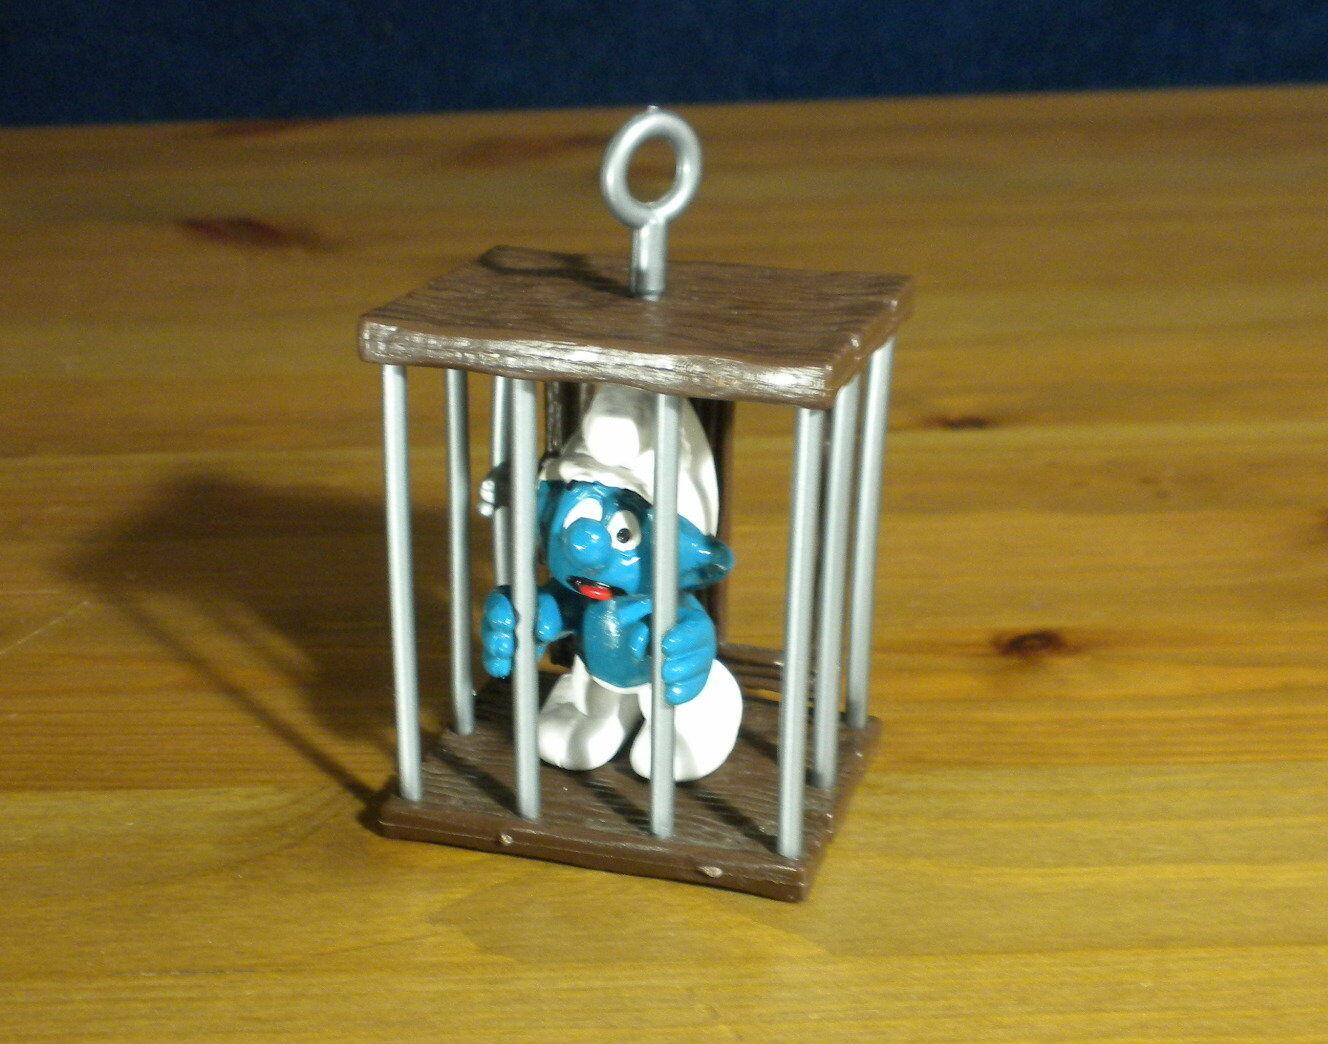 Smurfs 40212 Cage Smurf Prison Jail Vintage Figure PVC Schleich 1980 Figurine HK